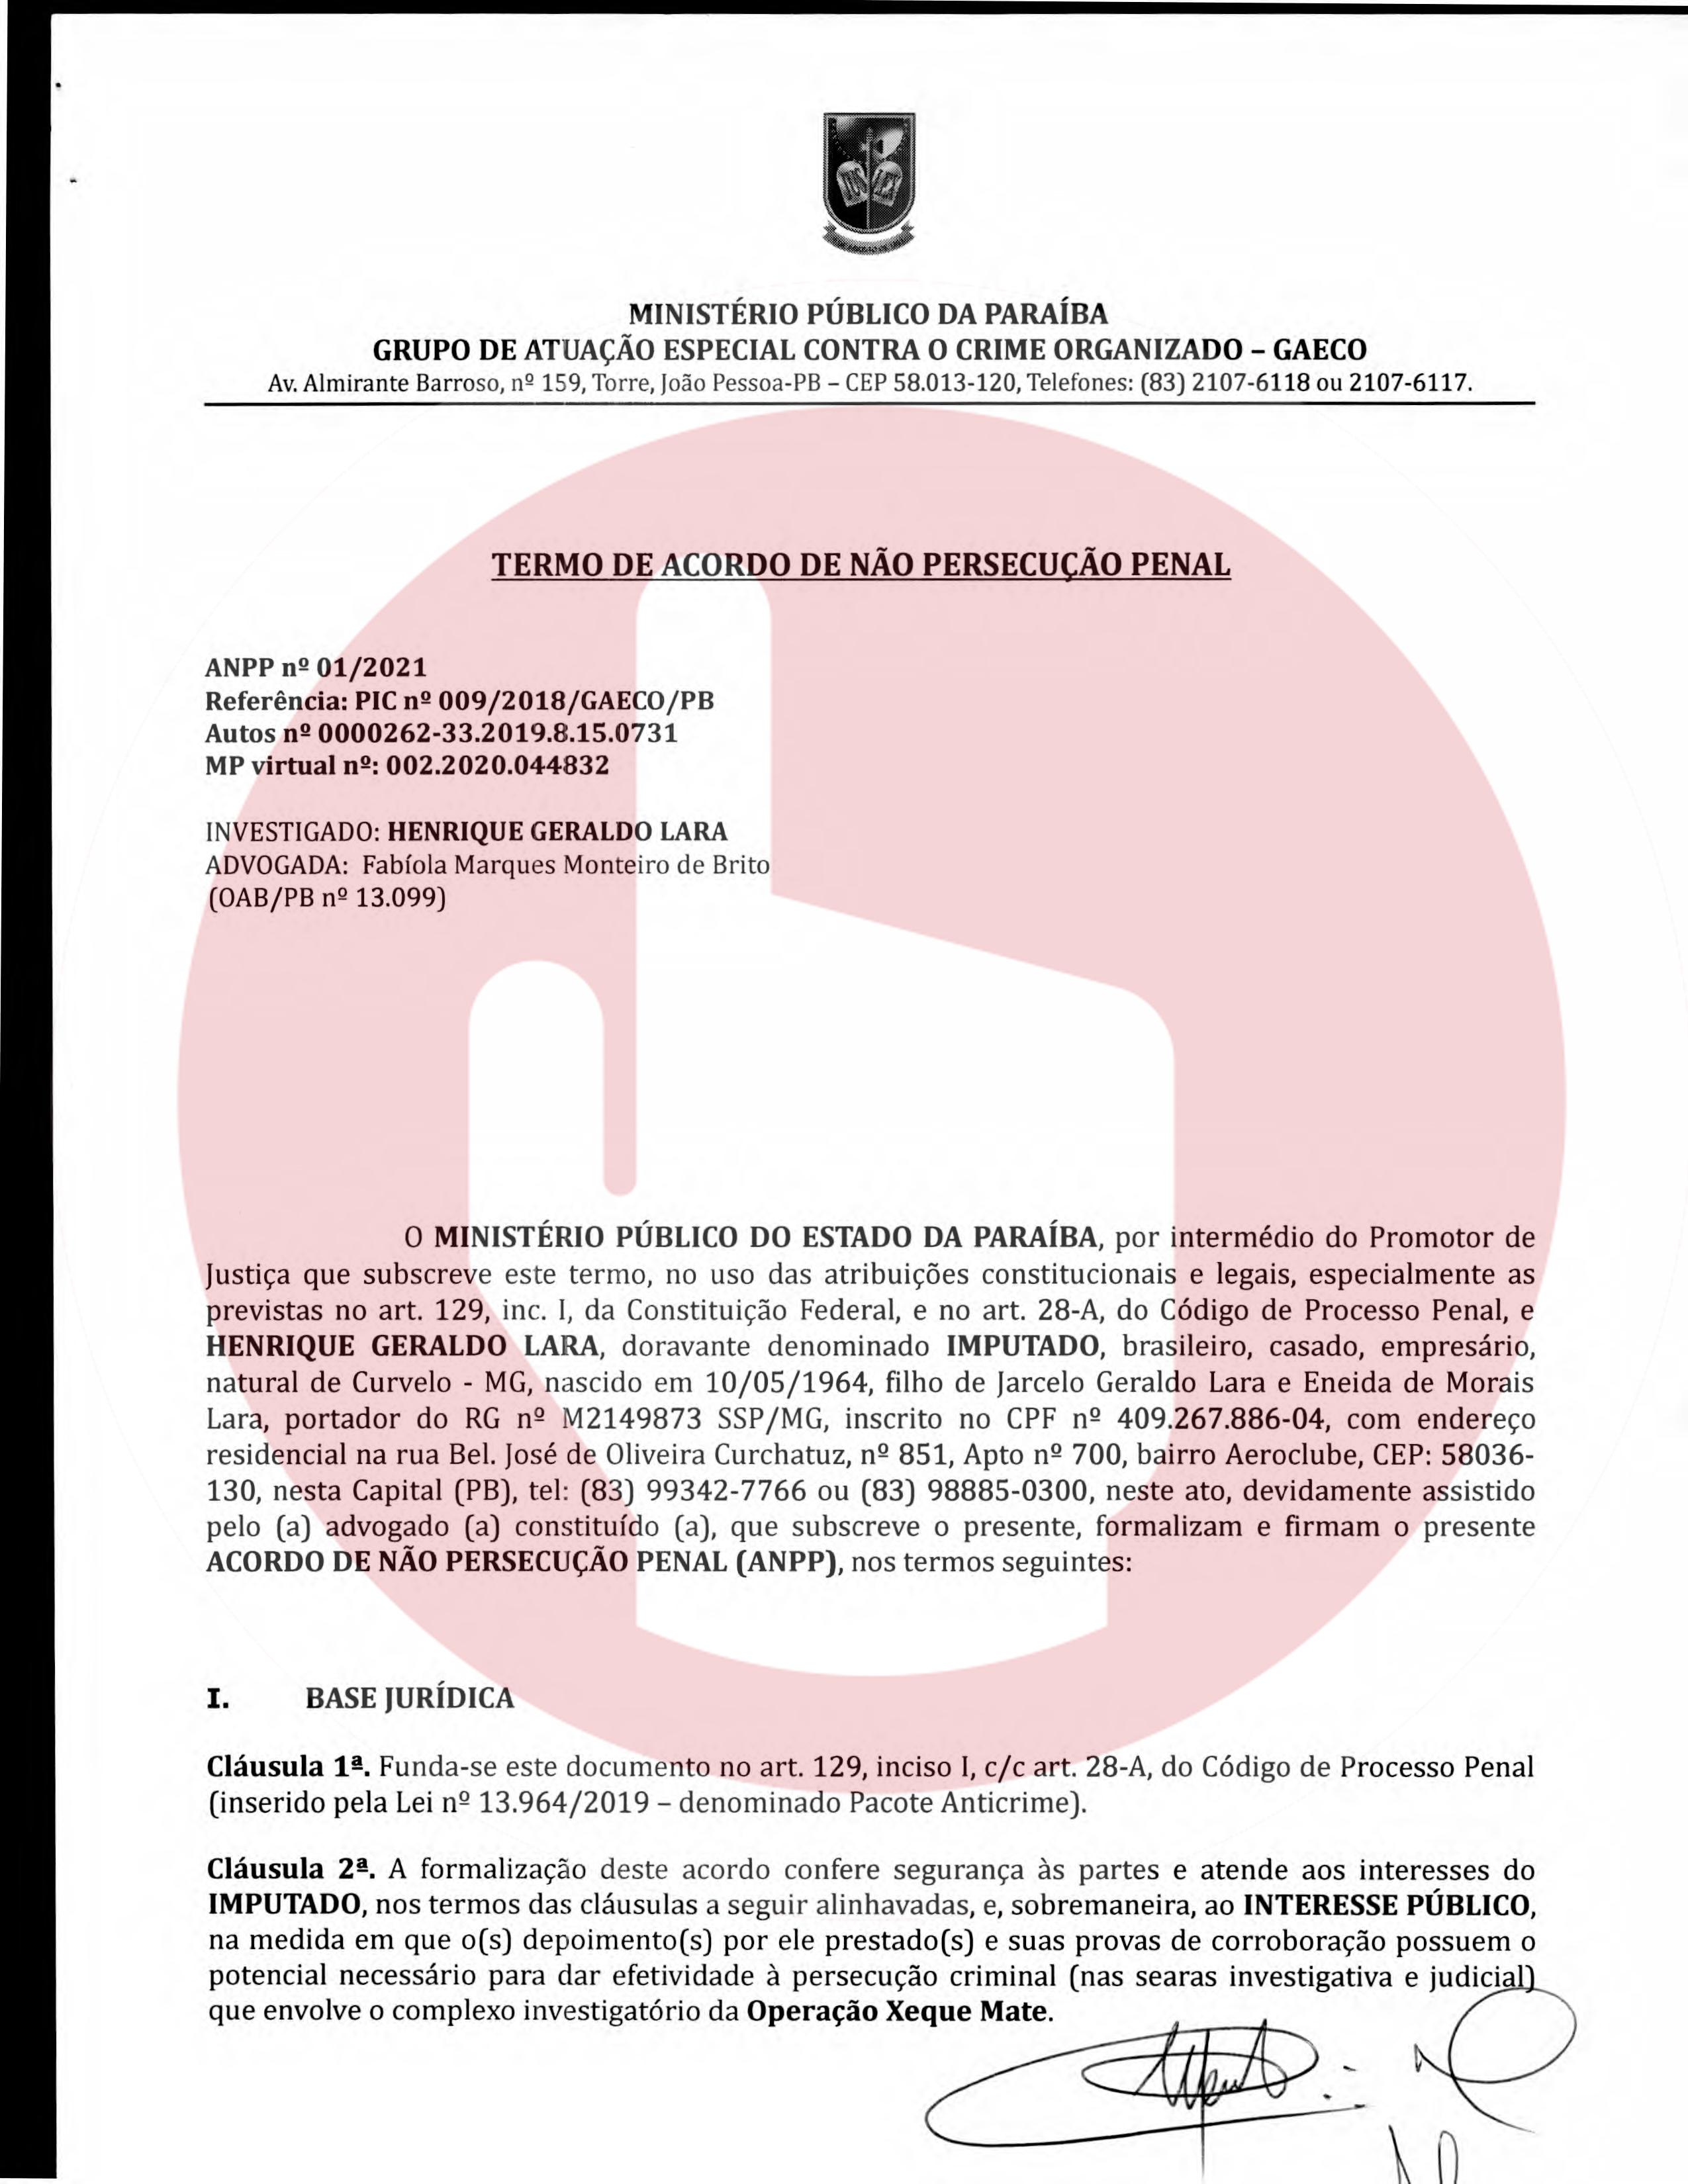 termo de anpp   henrique geraldo lara 1 - Henrique Lara, dono da Projecta fez acordo de quase 1 milhão de reais para não ser denunciado na Xeque-Mate - VEJA O DOCUMENTO